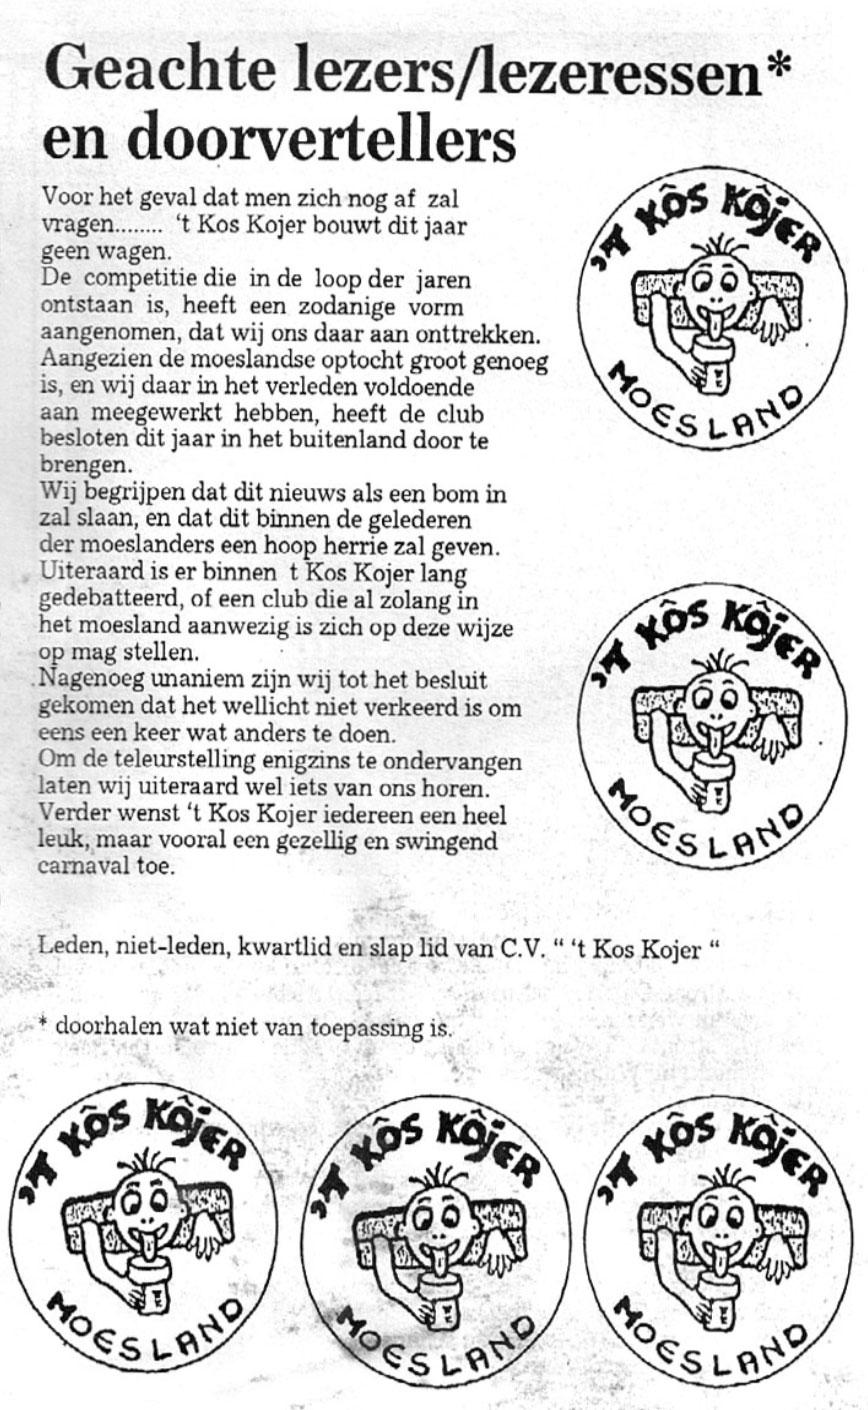 Stukje uit de carnavalskrant van 't Kos Kojer - 1993